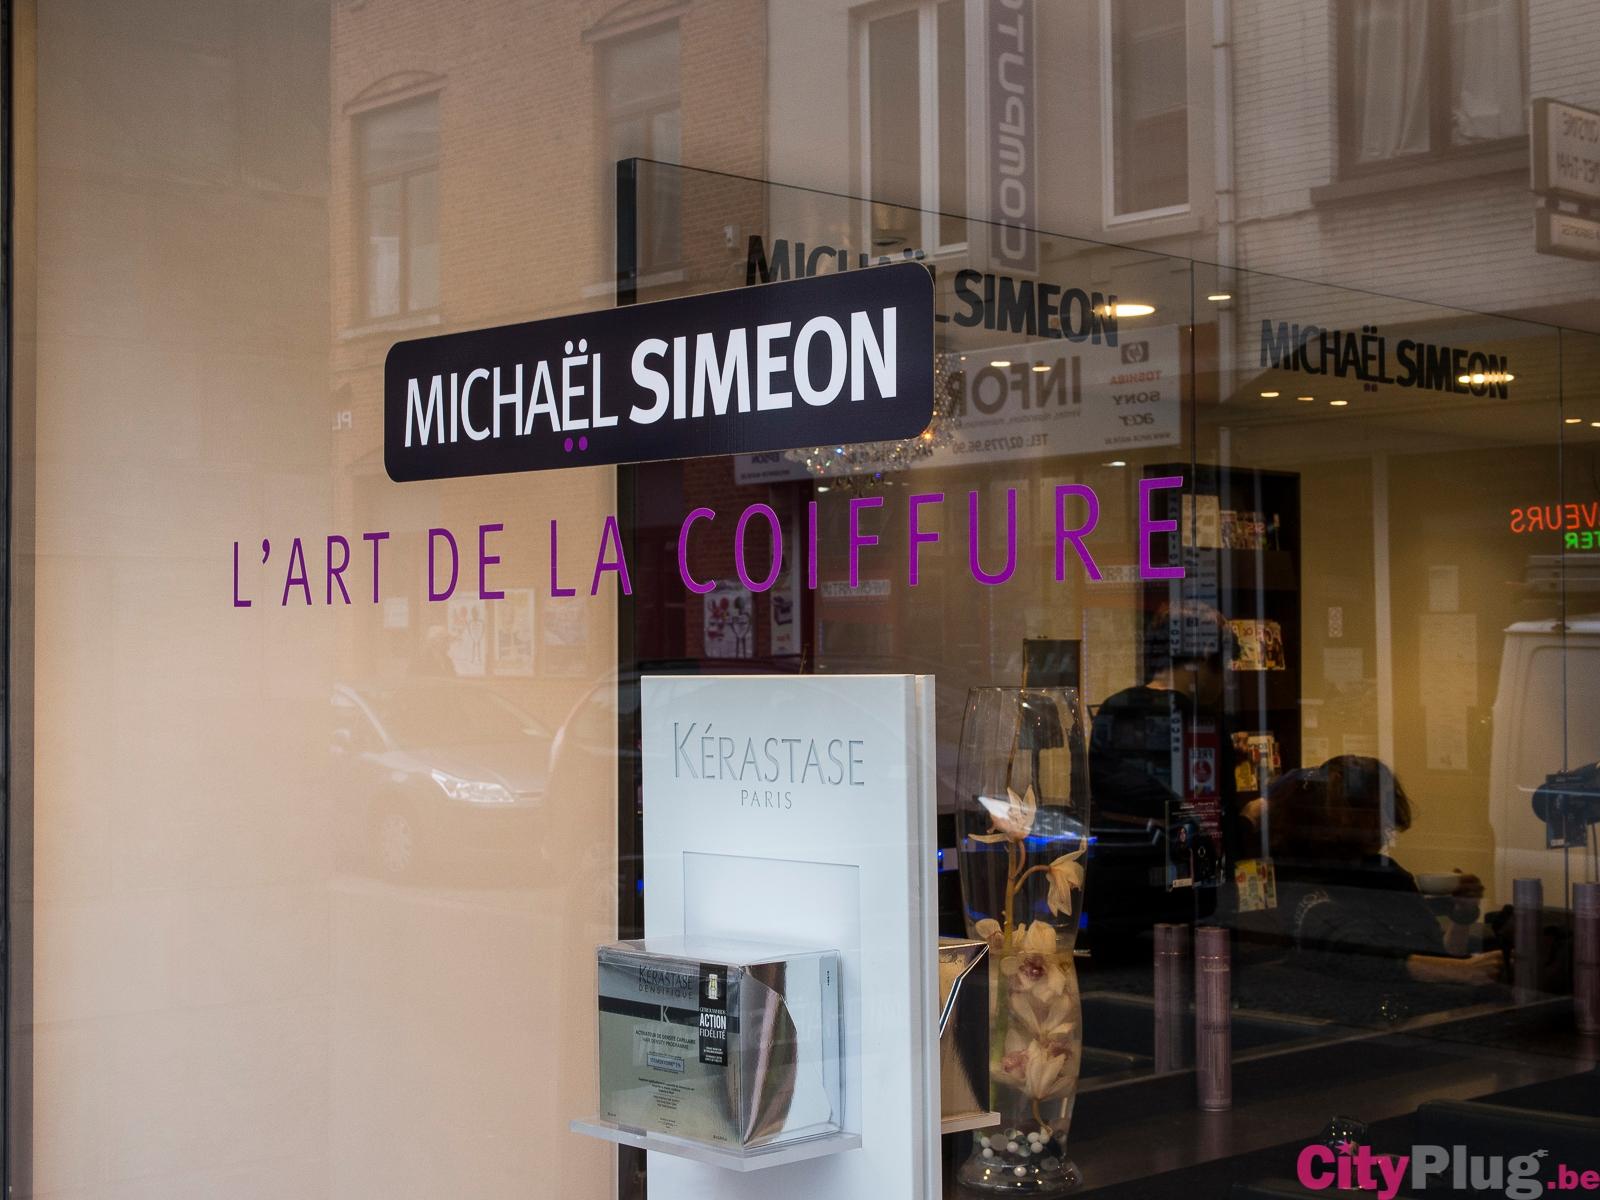 Michael simeon - Salon de coiffure bussy saint georges ...